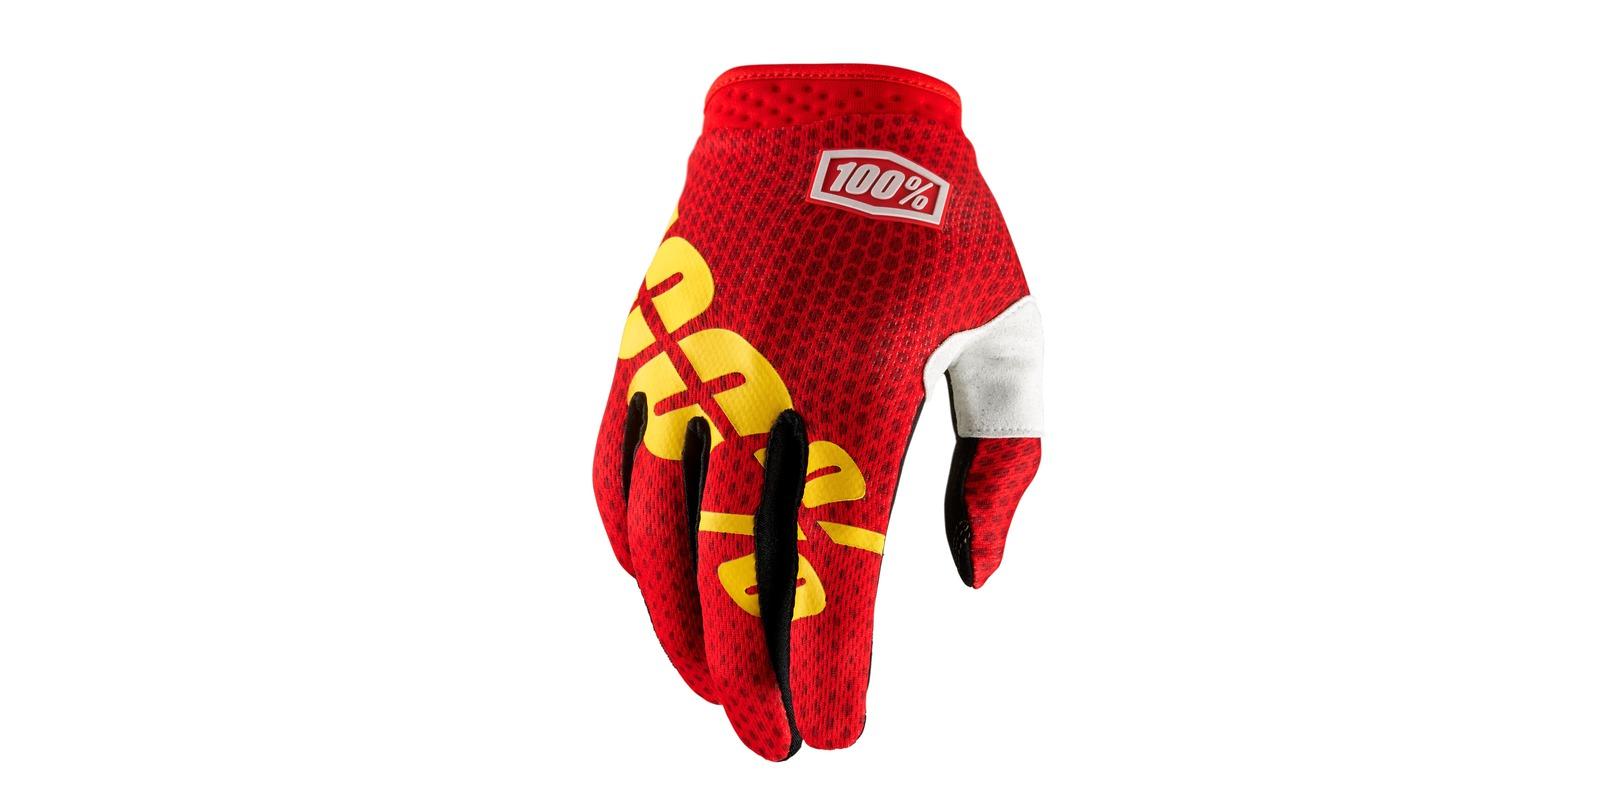 rukavice iTRACK, 100 (červená/žlutá)